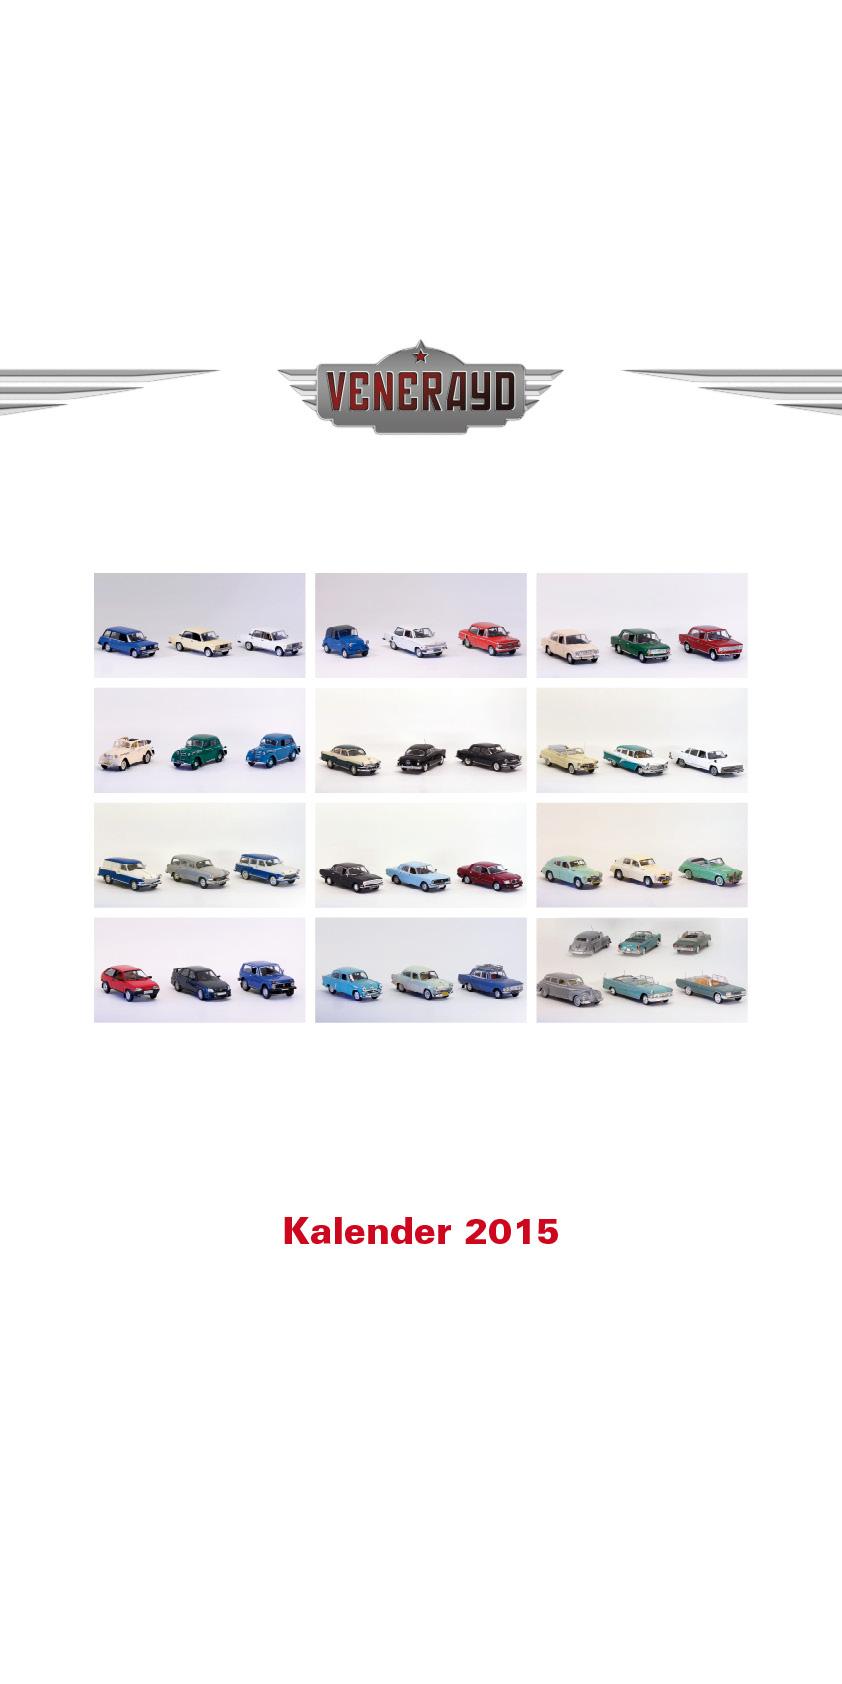 Veneraud_kalender_2015_01